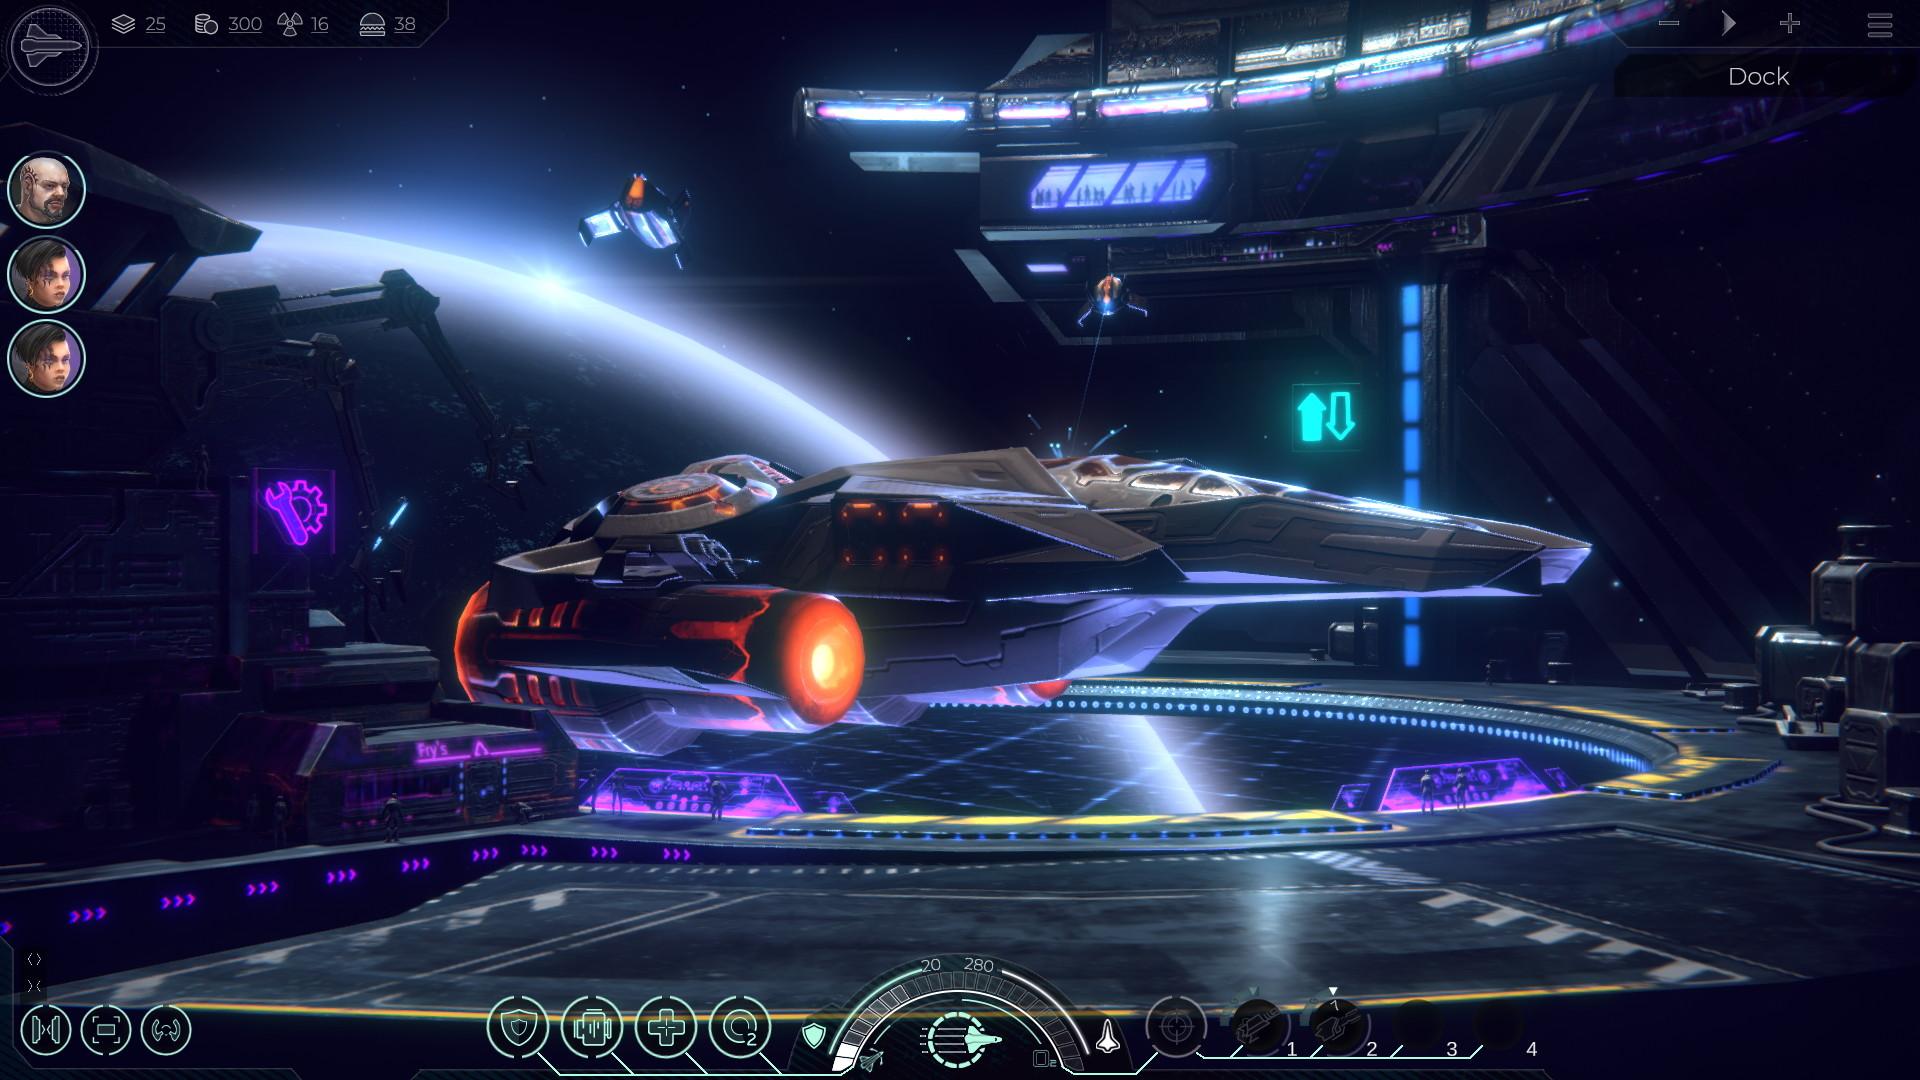 叁琴座:星际冒险图片